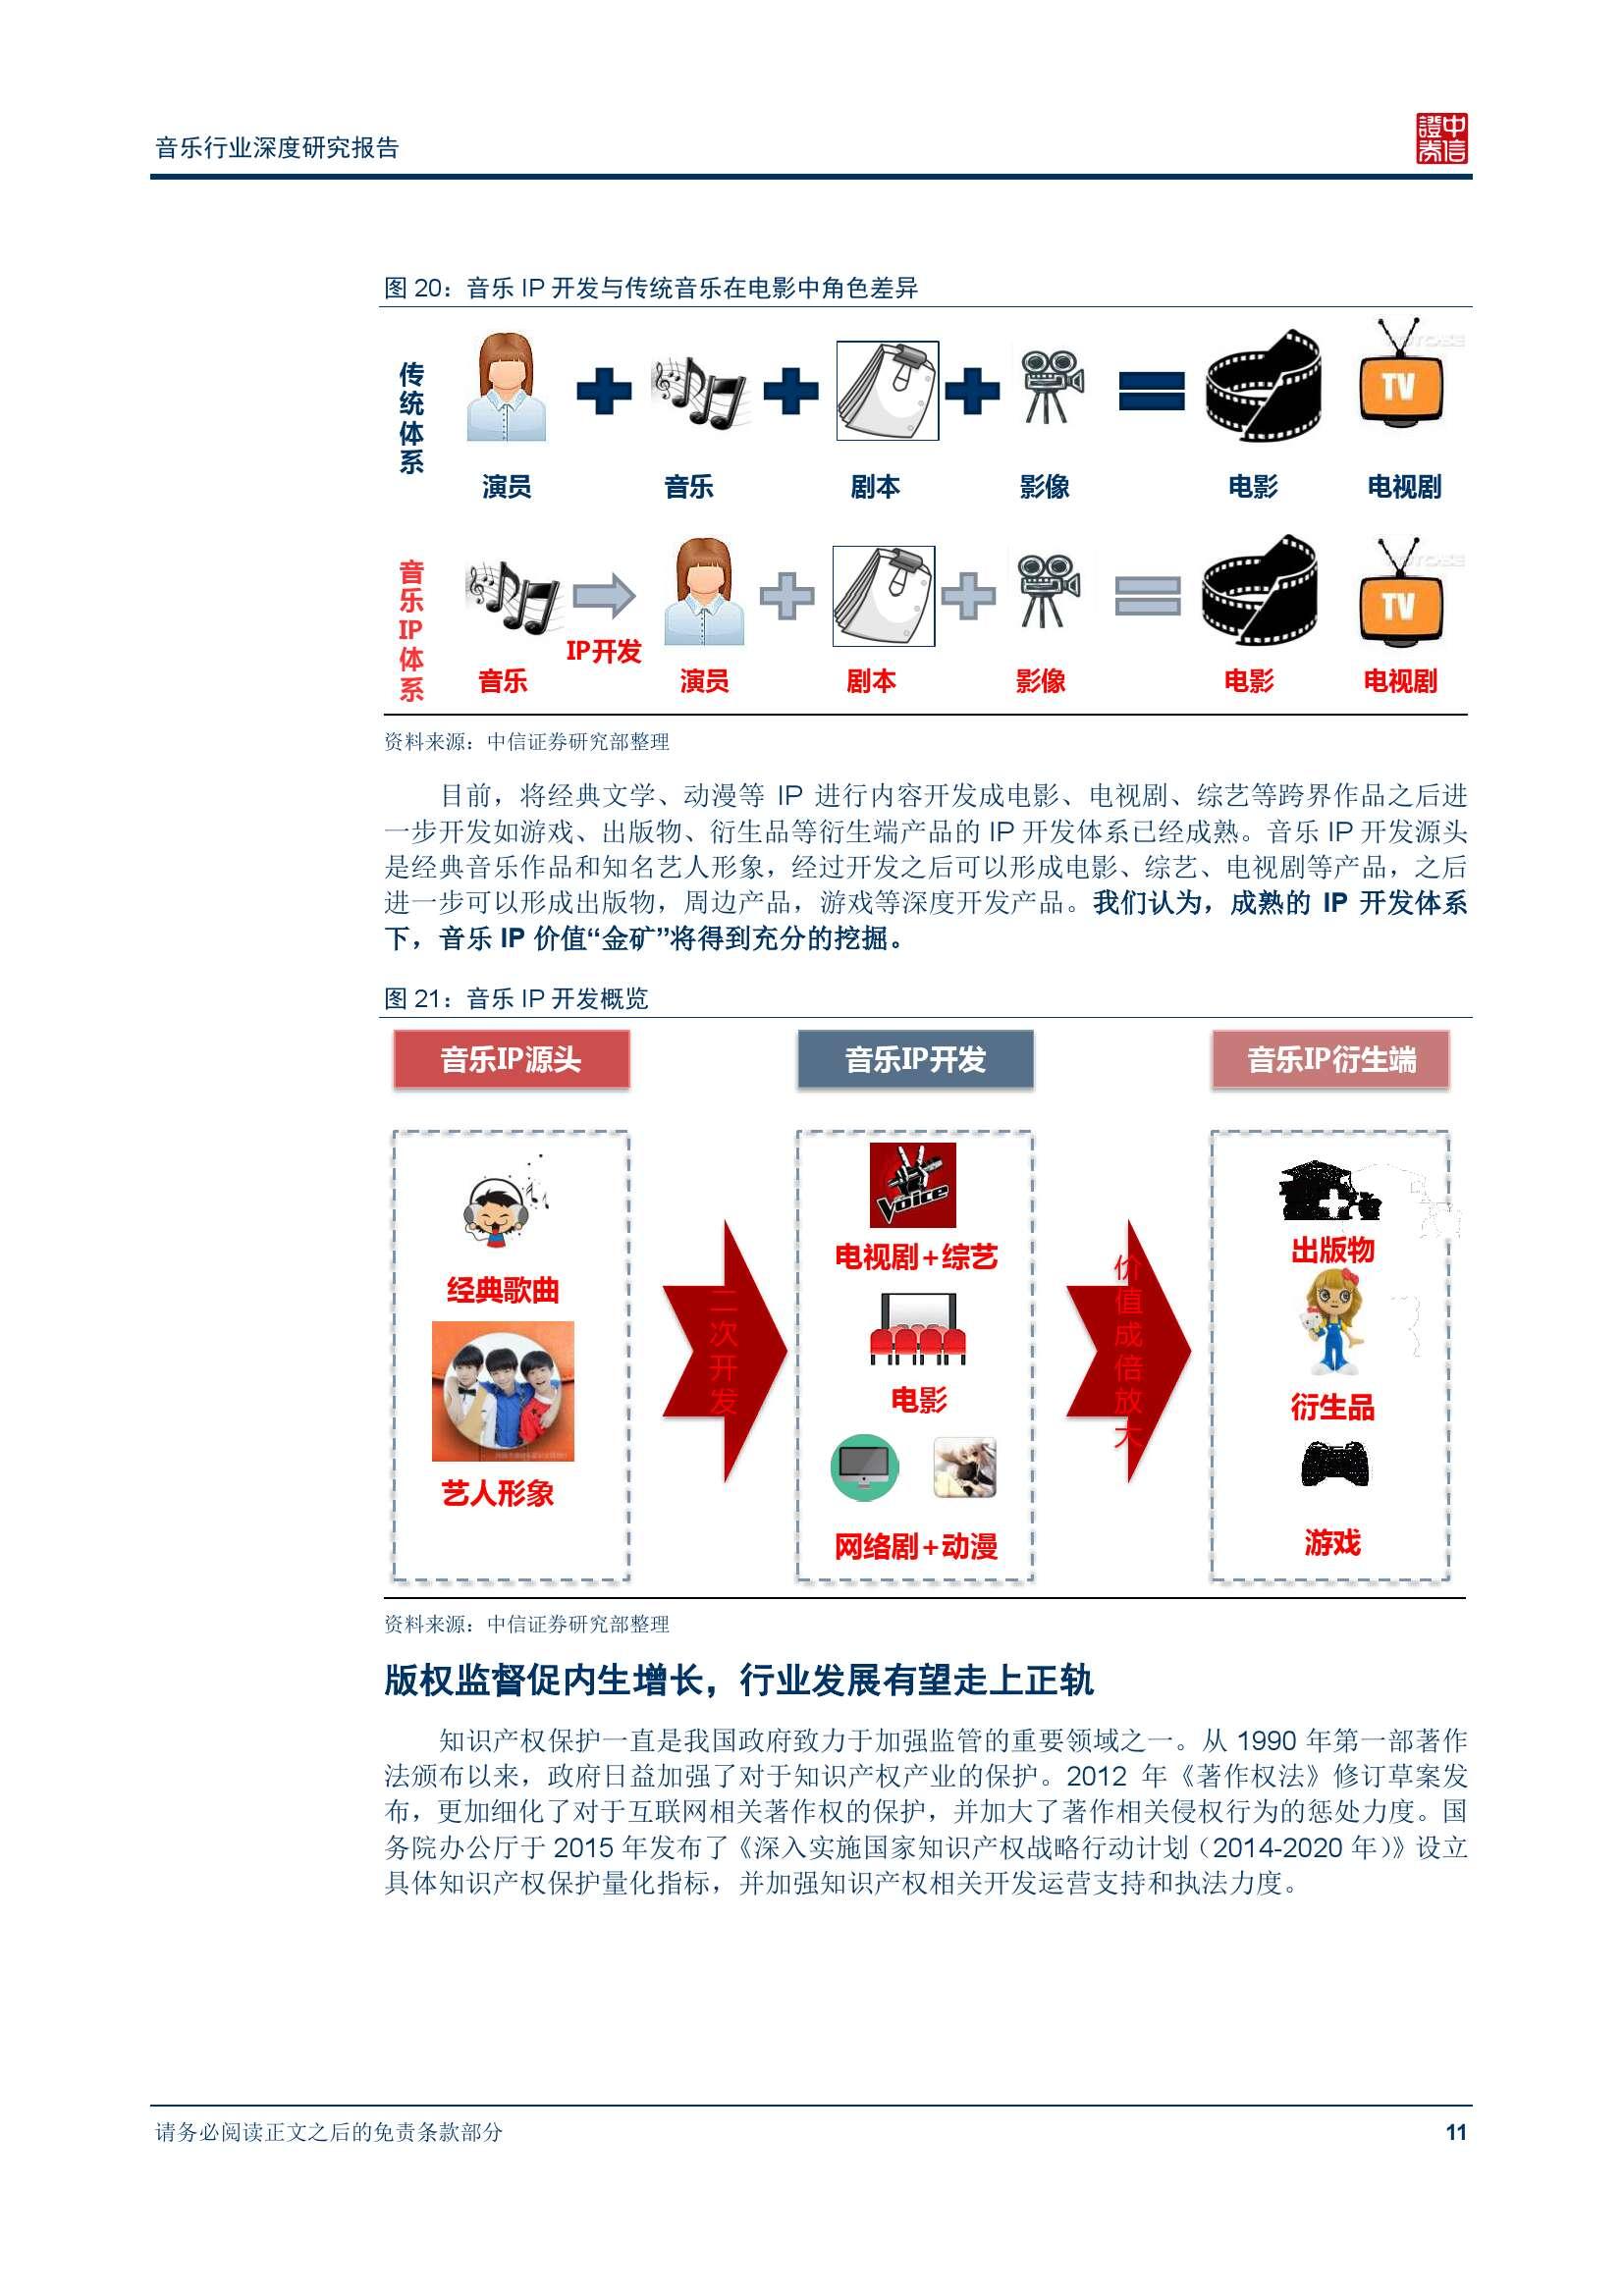 中信证券音乐行业深度研究报告_000016